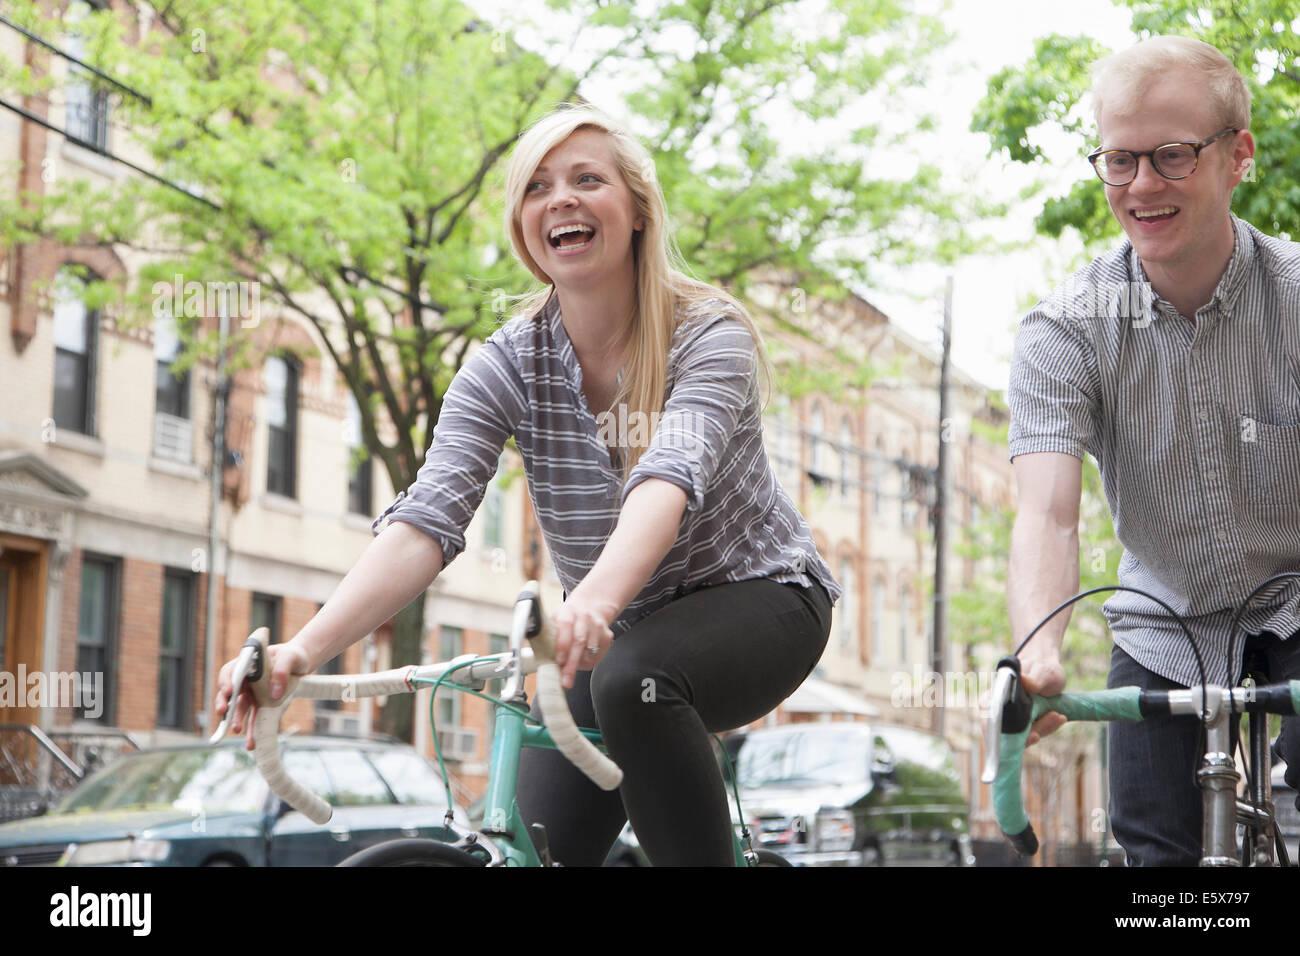 Pareja joven riendo mientras en bicicleta a lo largo de calle Imagen De Stock